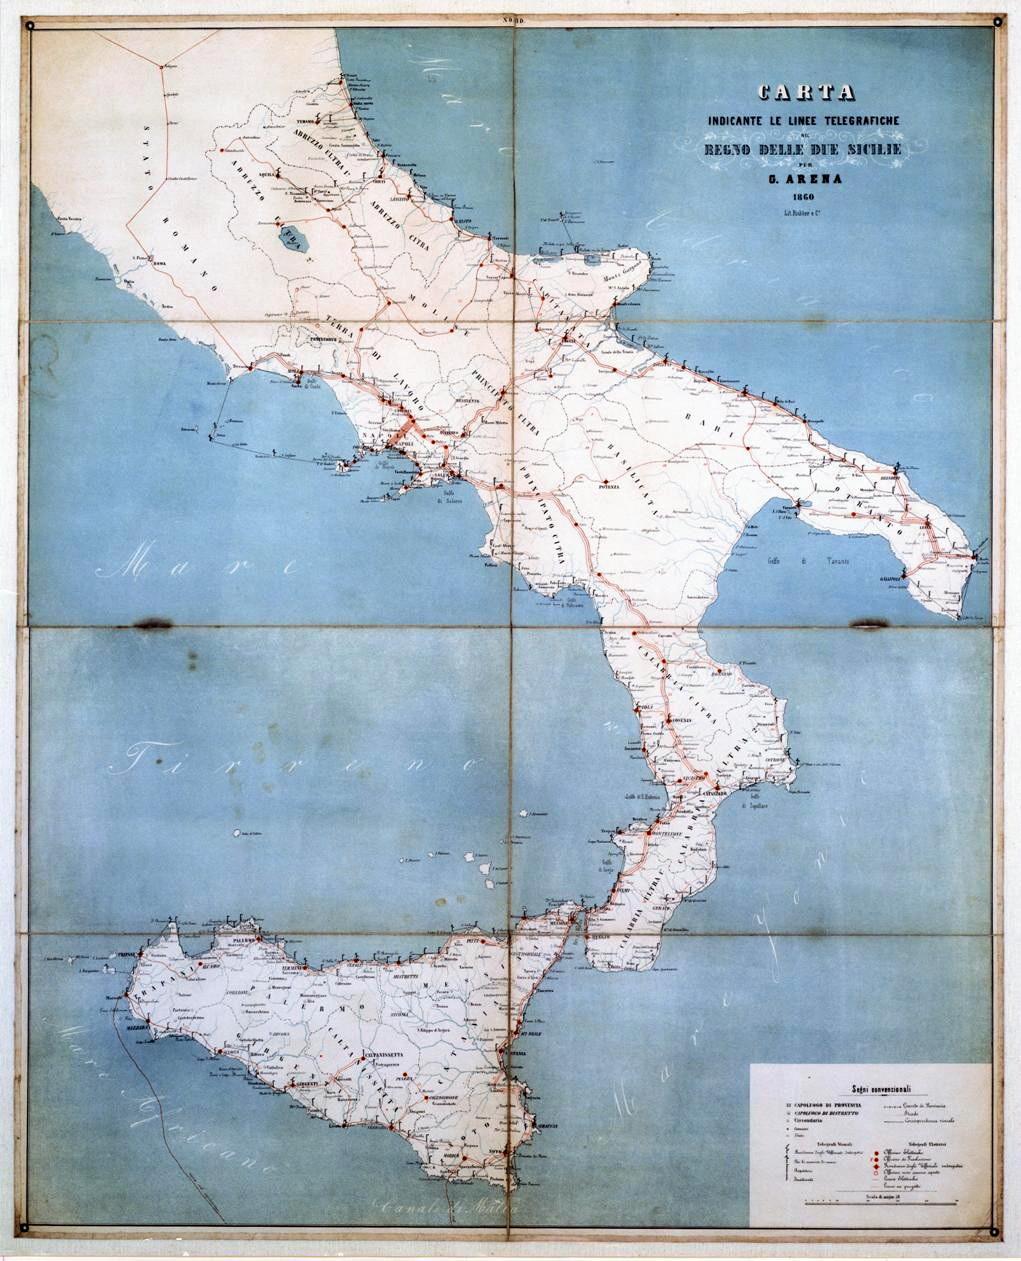 Posti Telegrafici del Regno delle Due Sicilie, 1860